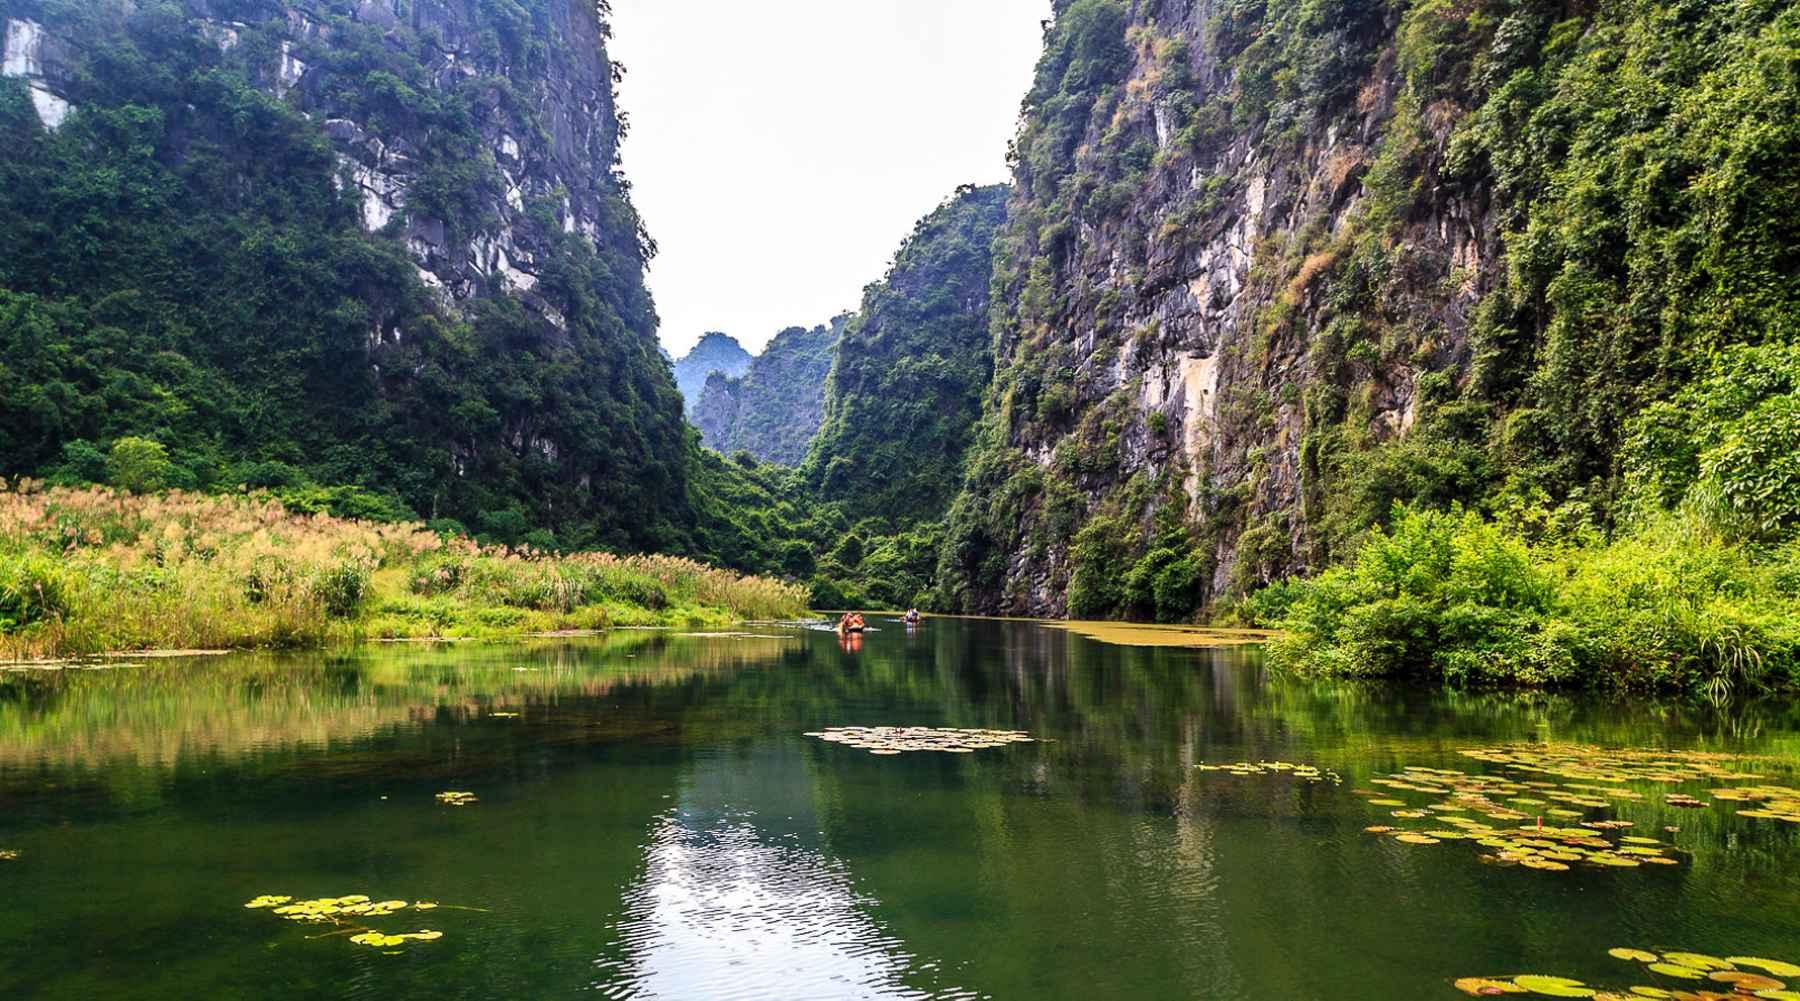 Trang An in Ninh Binh